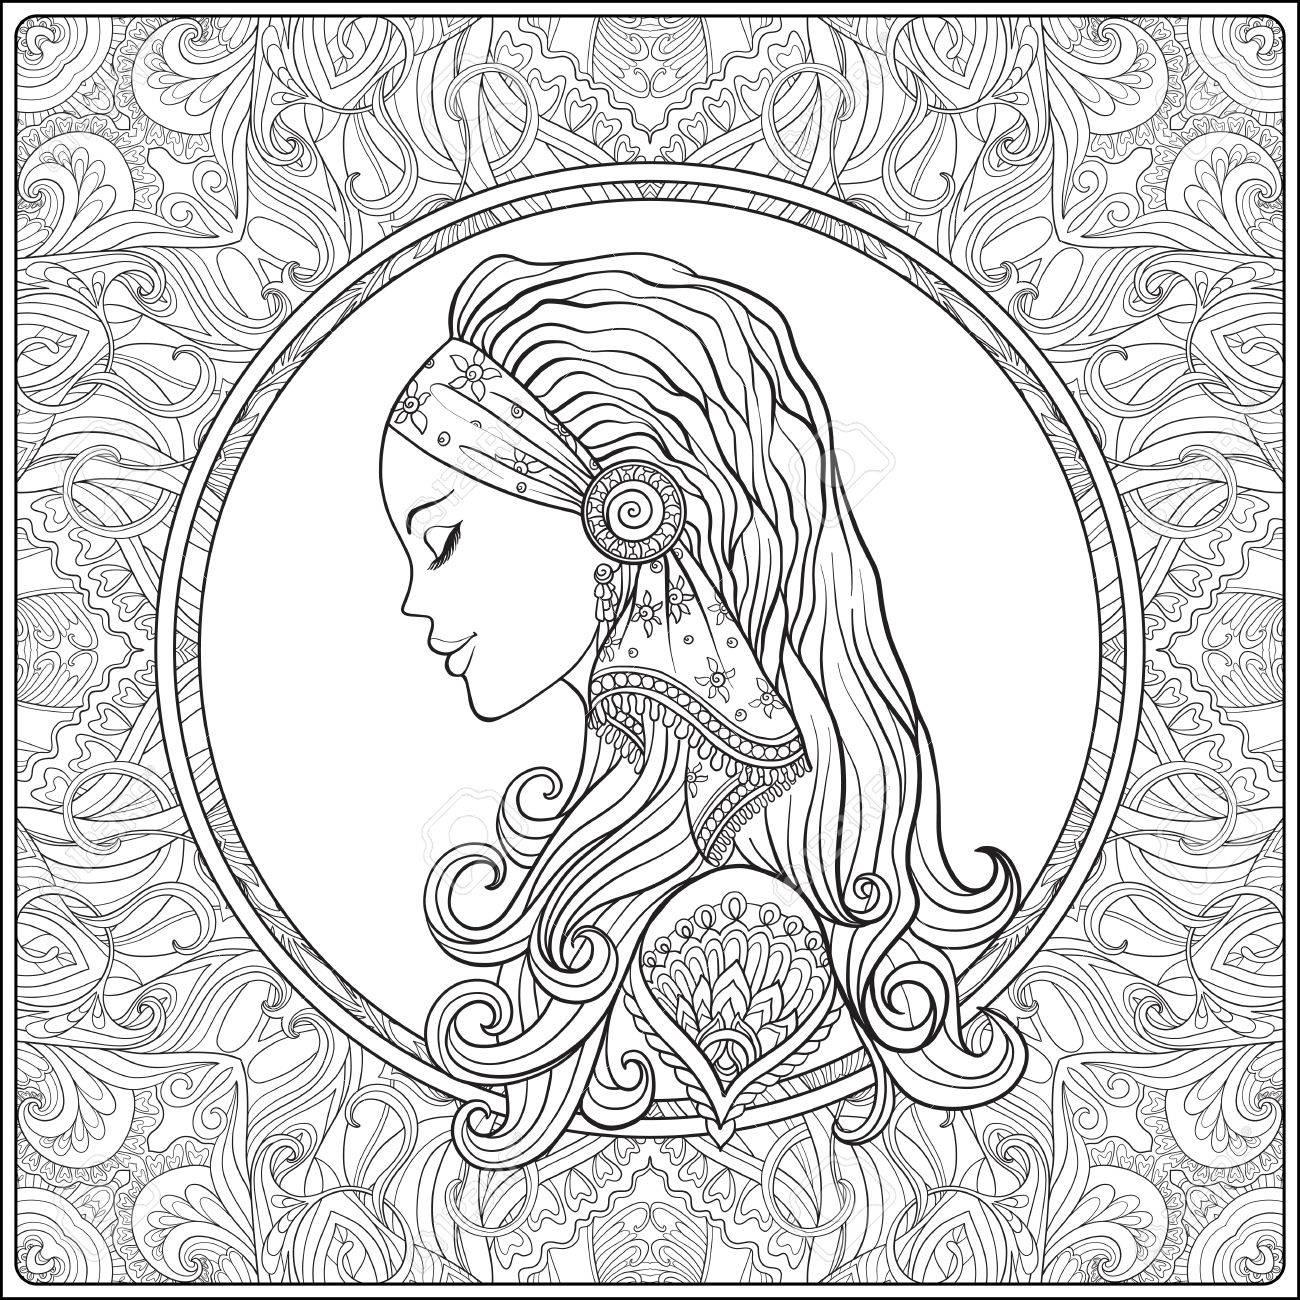 Jeune Femme Avec De Longs Cheveux En Costume Medieval Decoratif Motif De Fond Portrait De Profil Le Style Decoratif Vecteur Ligne Stock Illustration Livre A Colorier Pour Les Adultes Outline Dessin De